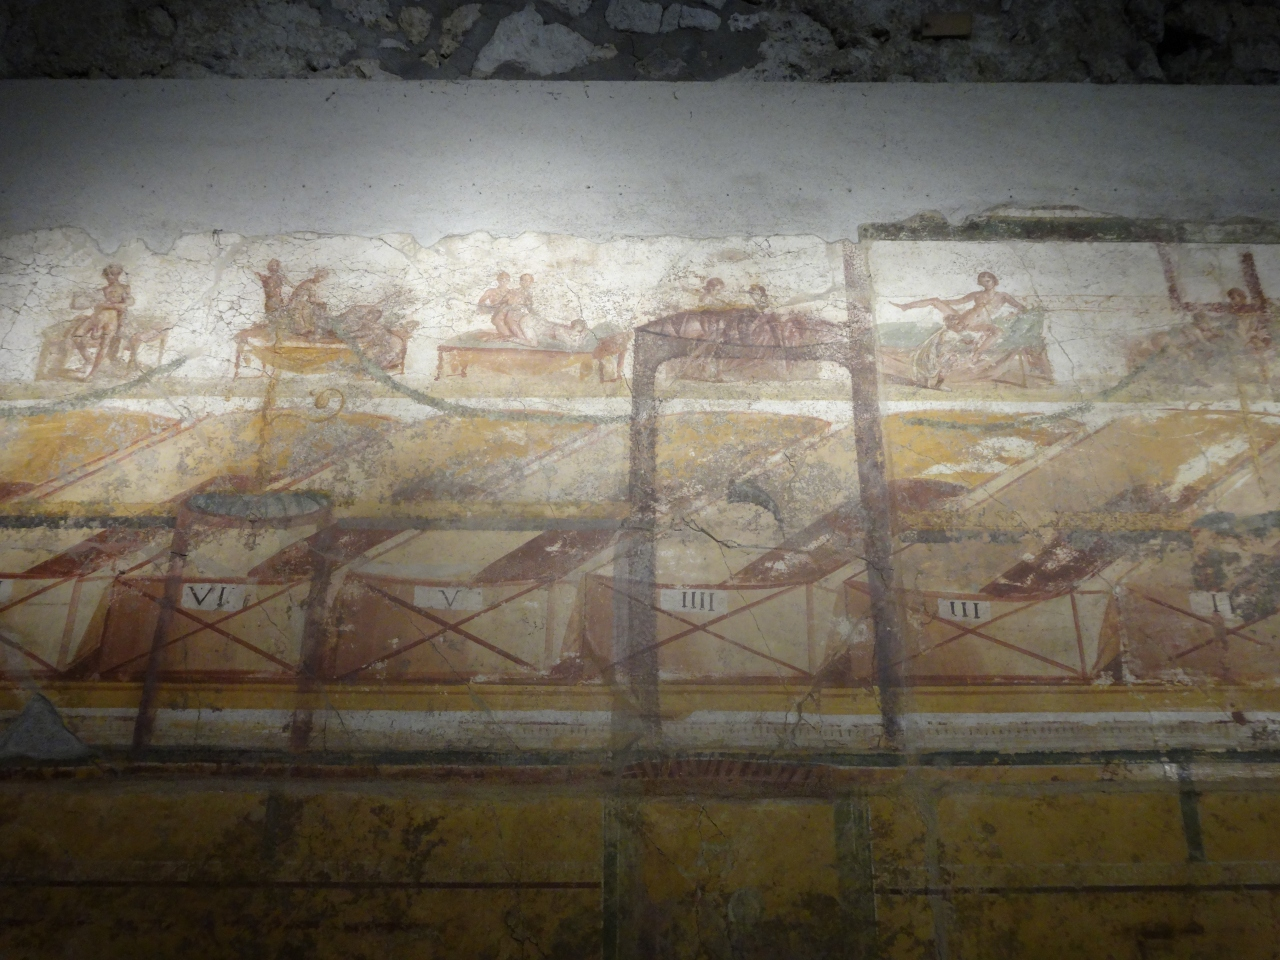 ポンペイ、ヘルクラネウム及びトッレ・アンヌンツィアータの遺跡地域の画像 p1_4